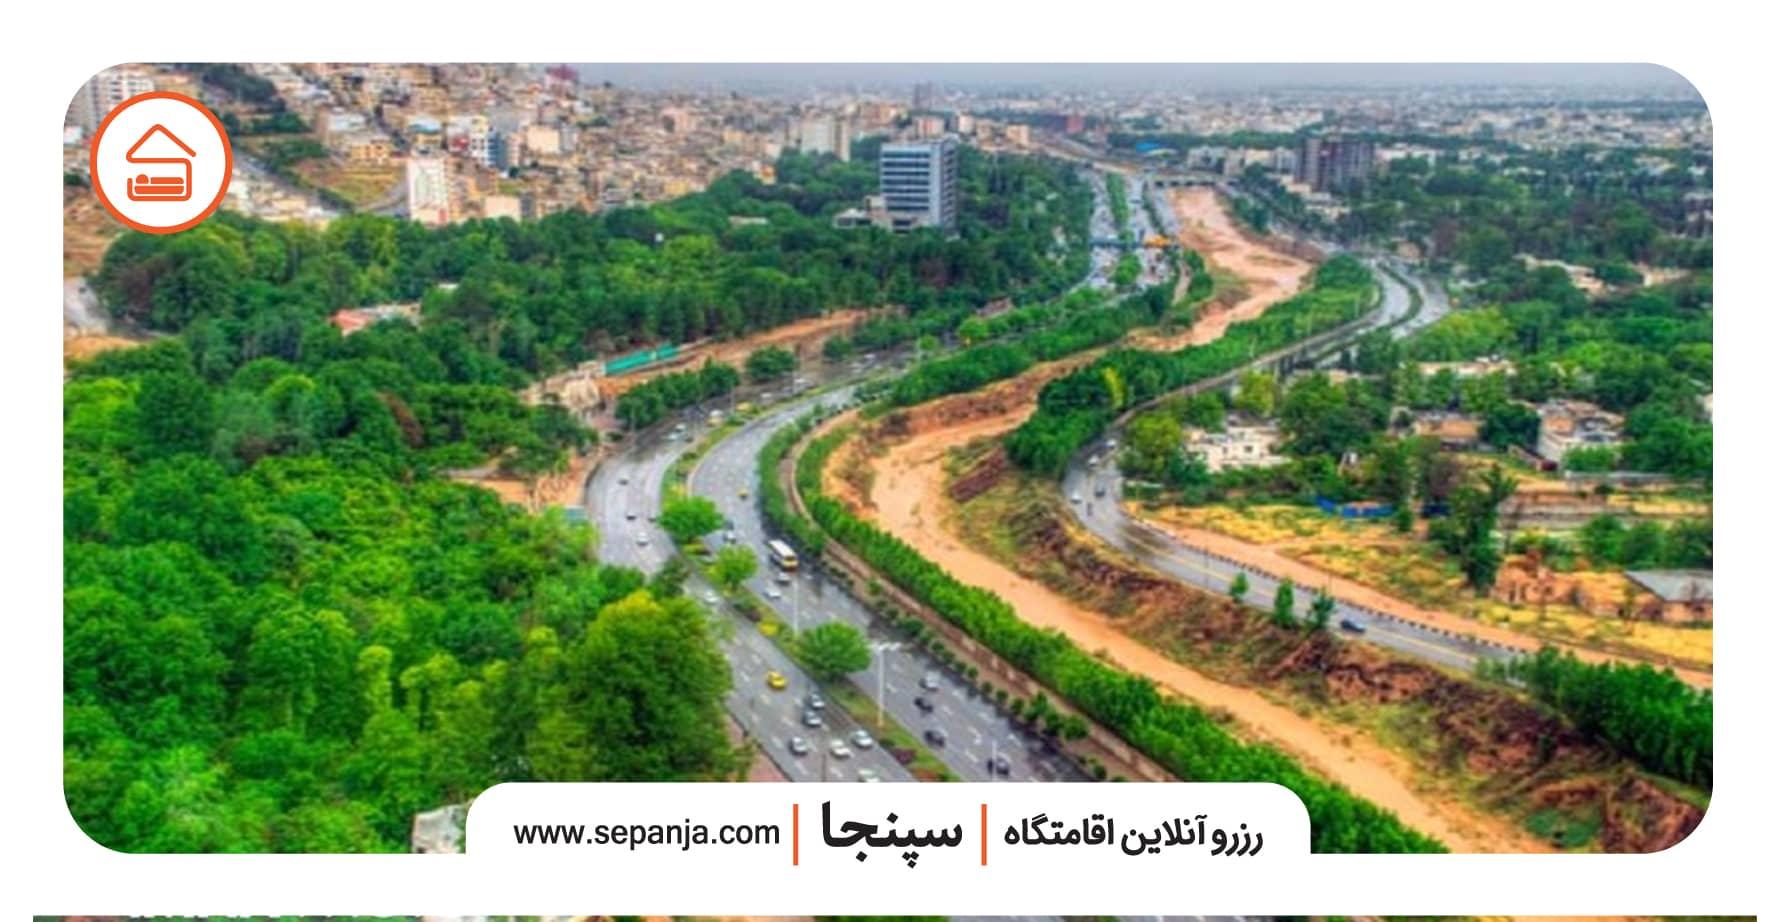 خیابان قصر دشت از جذاب ترین دیدنی های شیراز